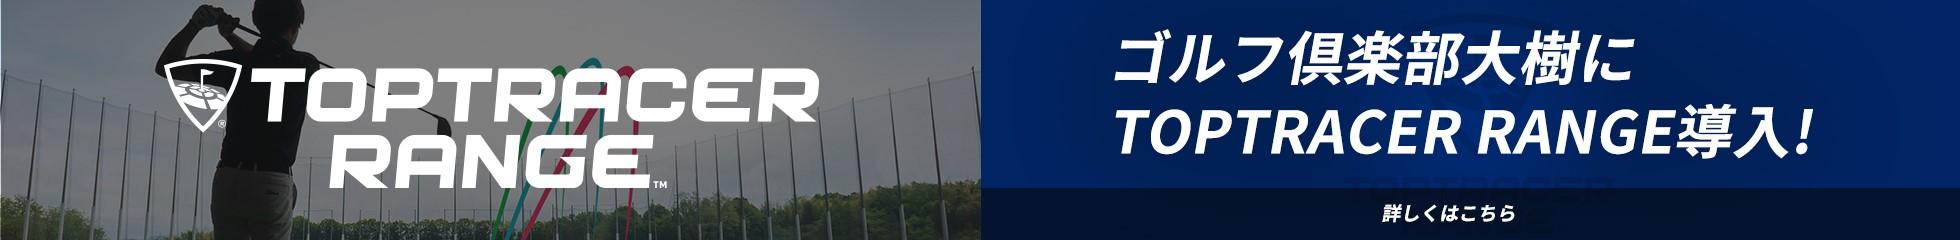 ゴルフ倶楽部大樹にTOPRACER RANGE導入!